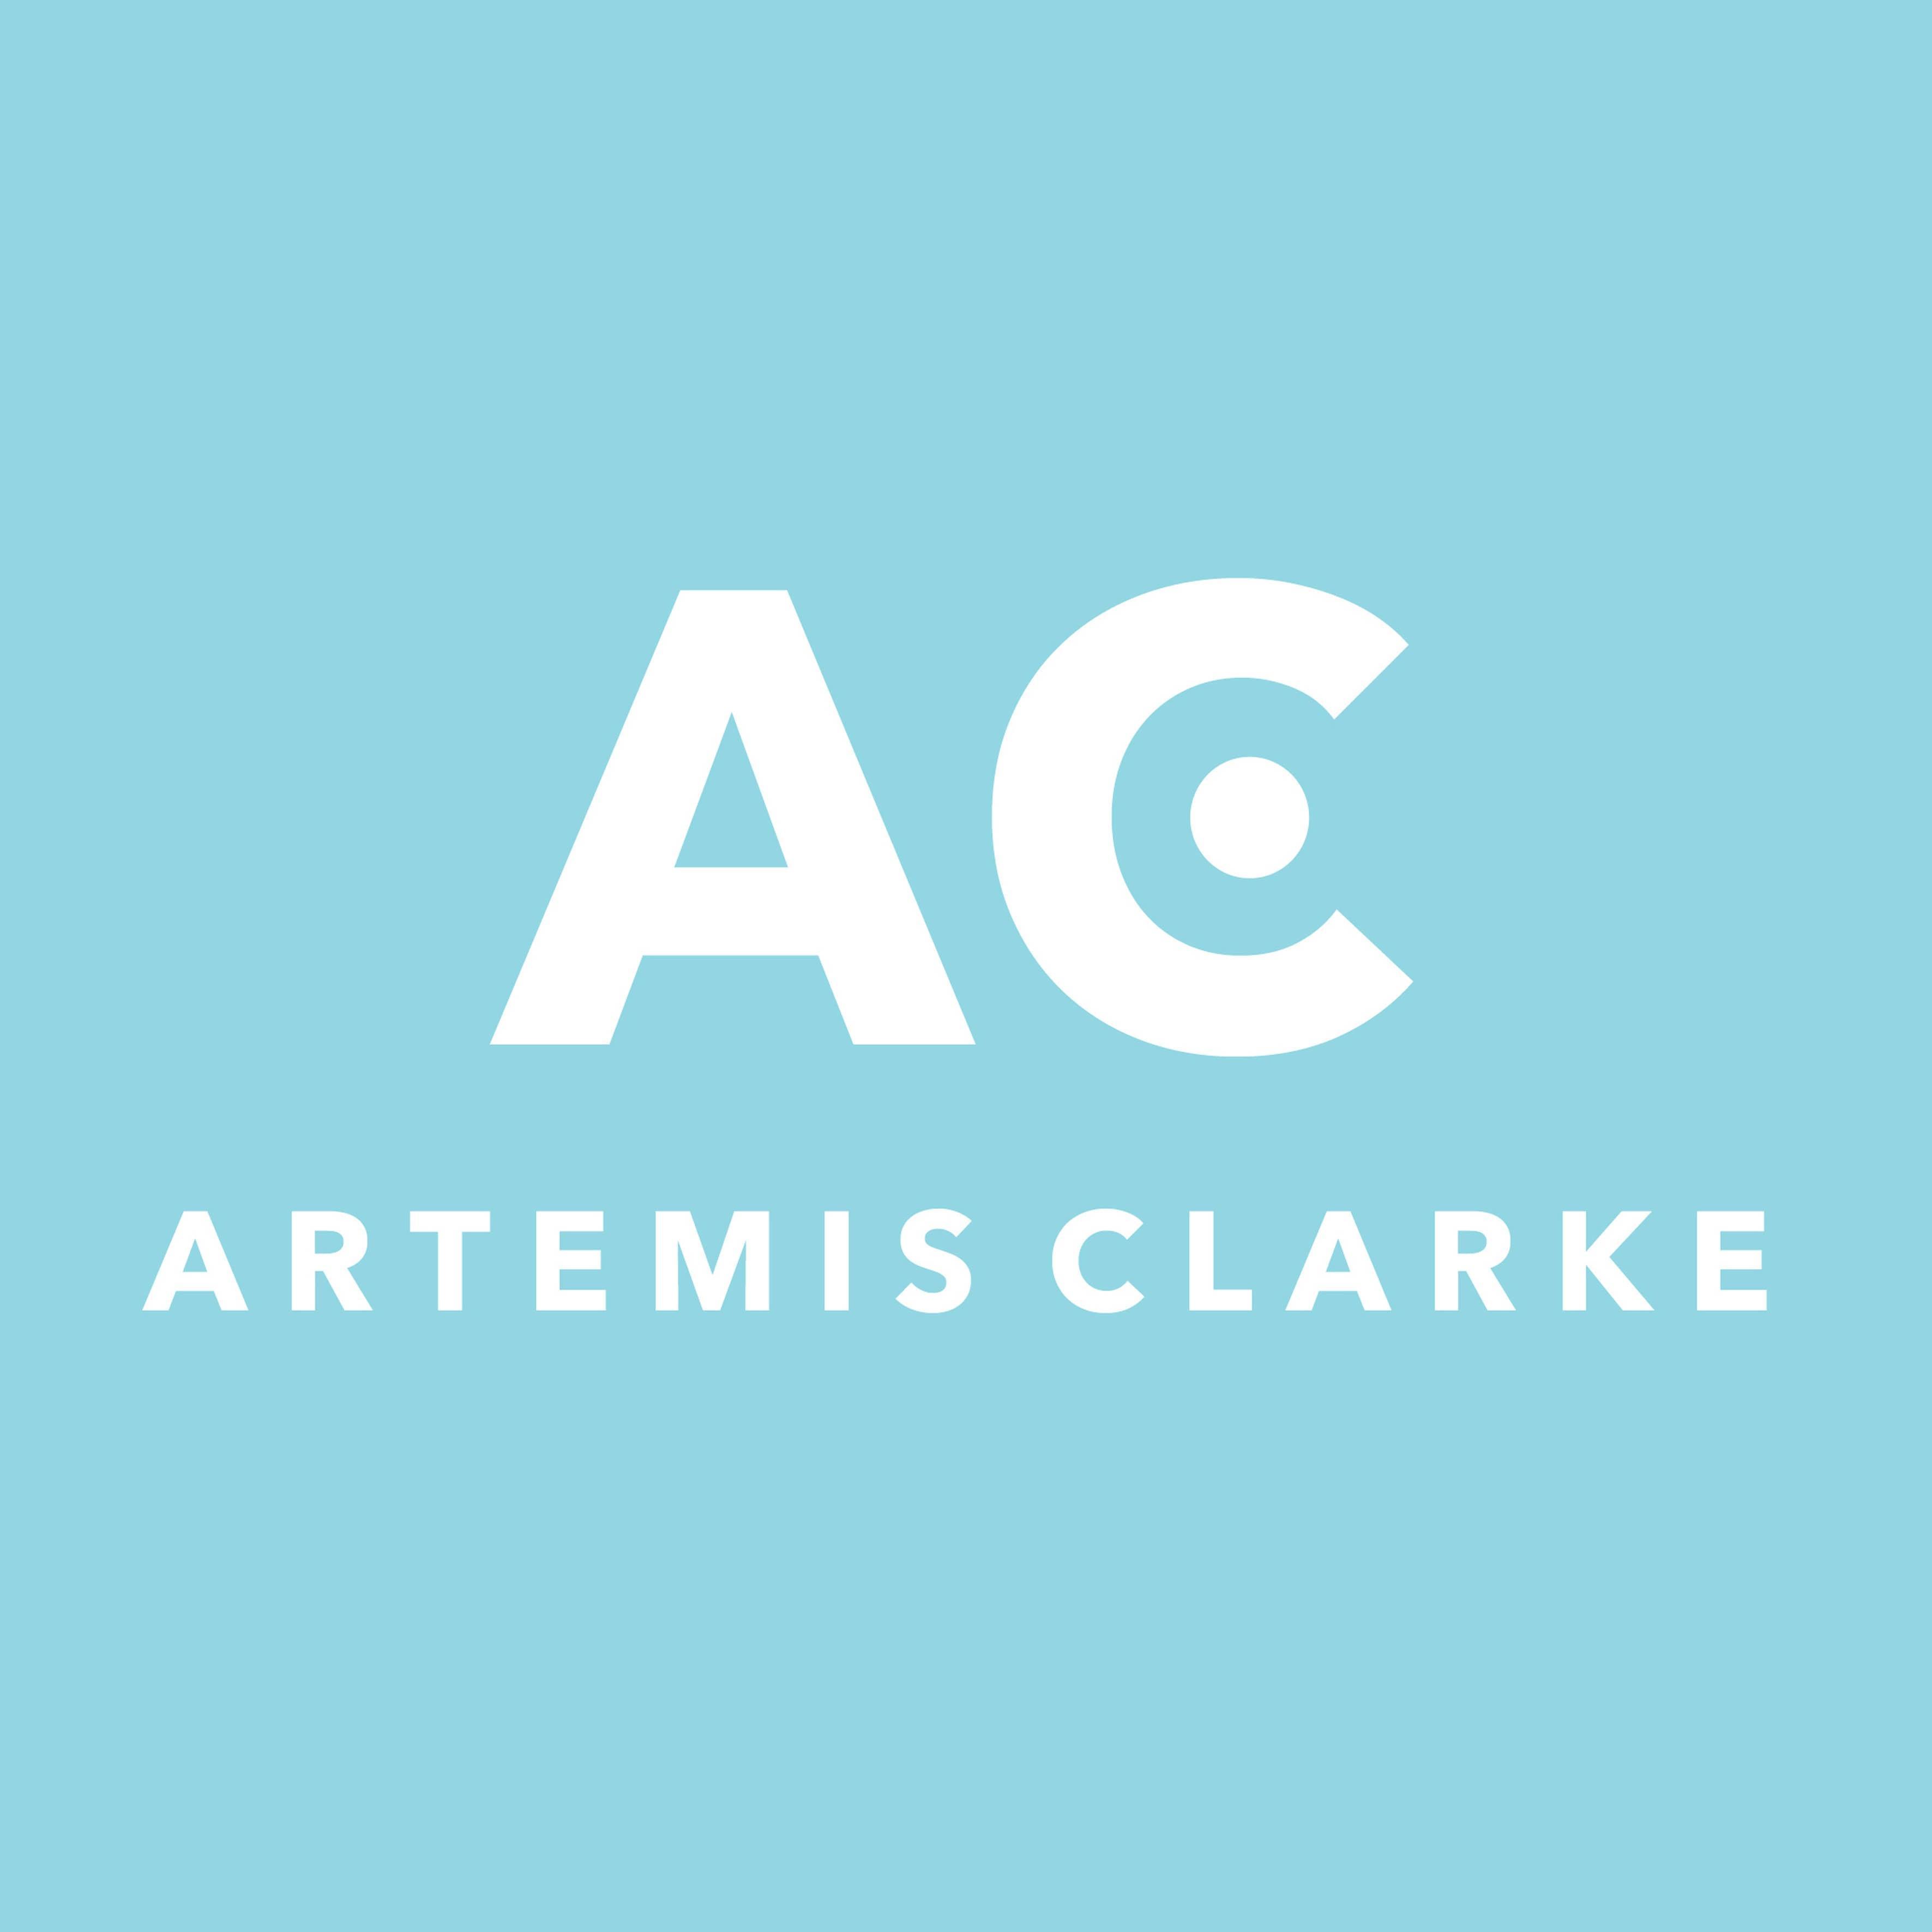 Artemis Clarke